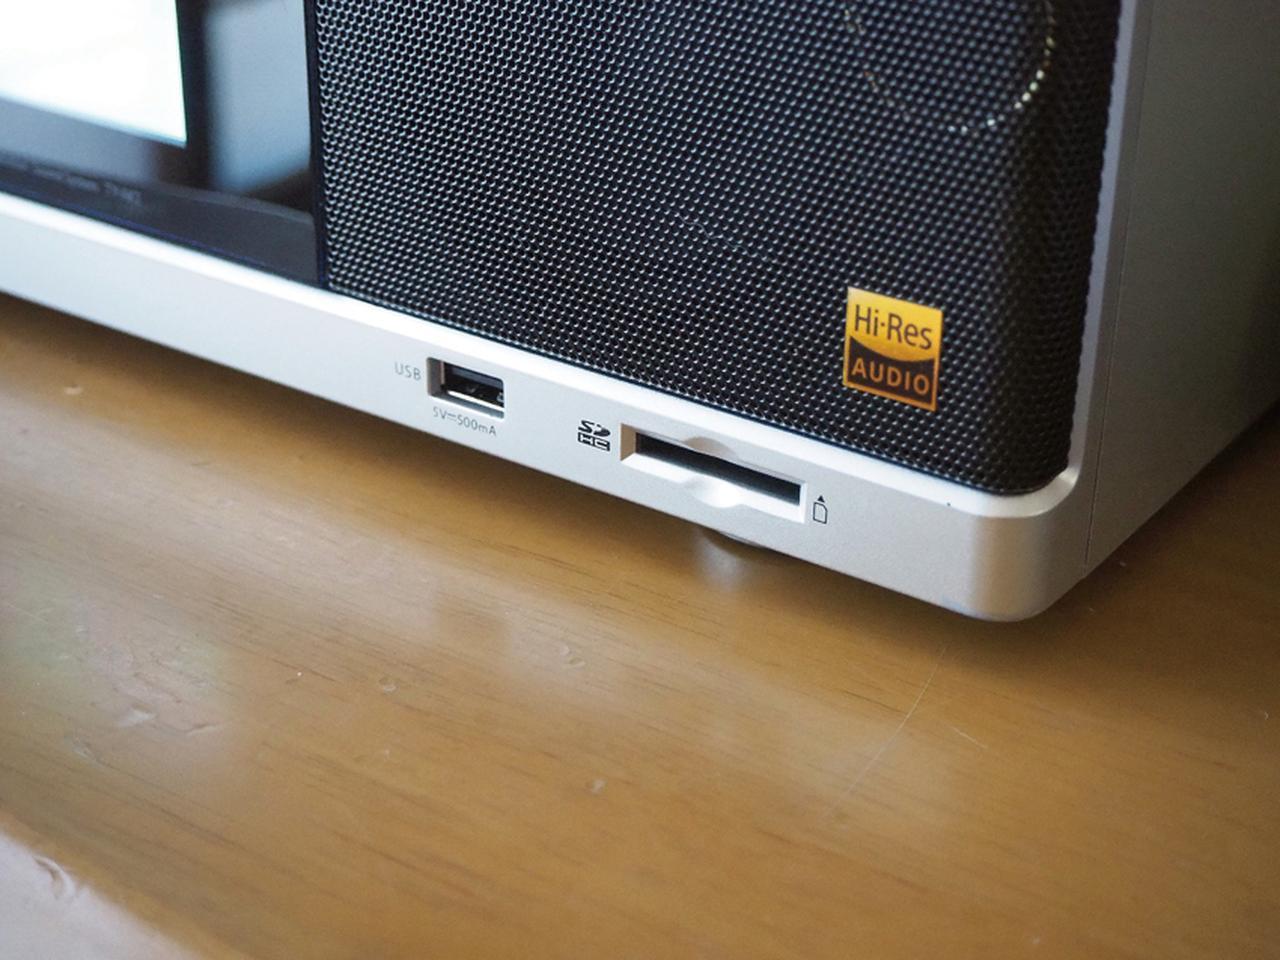 画像: 本体前面の右下にUSB端子とSDカードスロットがある。録音と再生が可能だ。